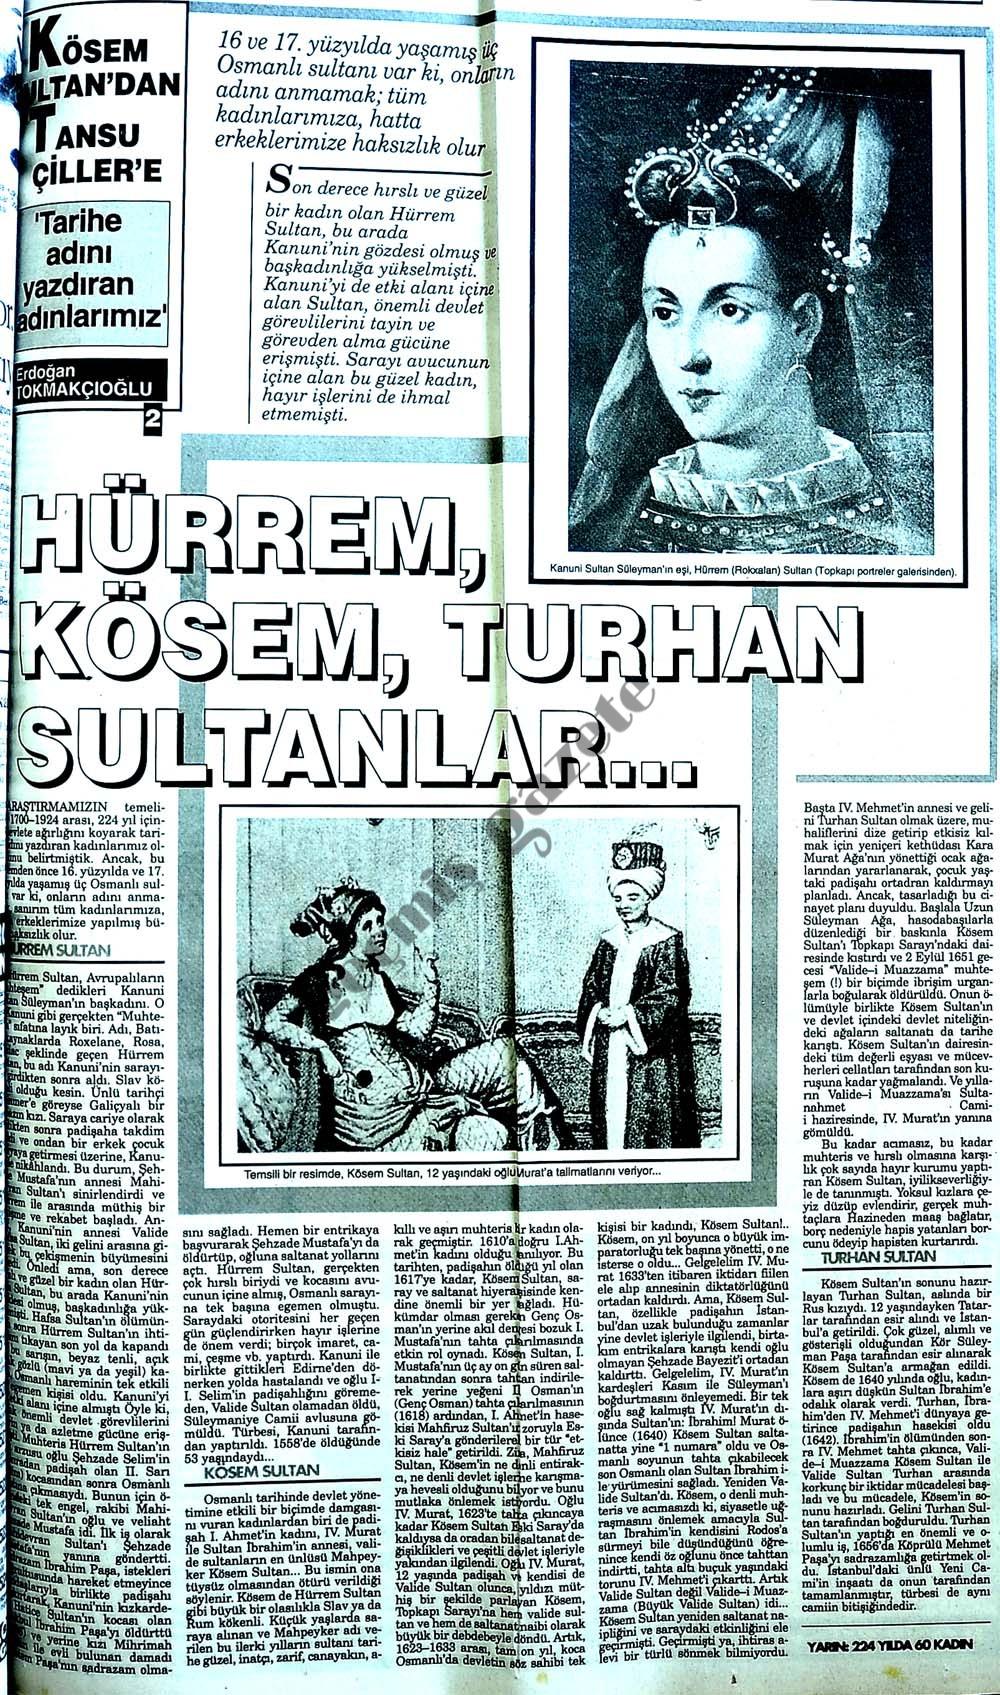 Kösem Sultan'dan Tansu Çiller'e